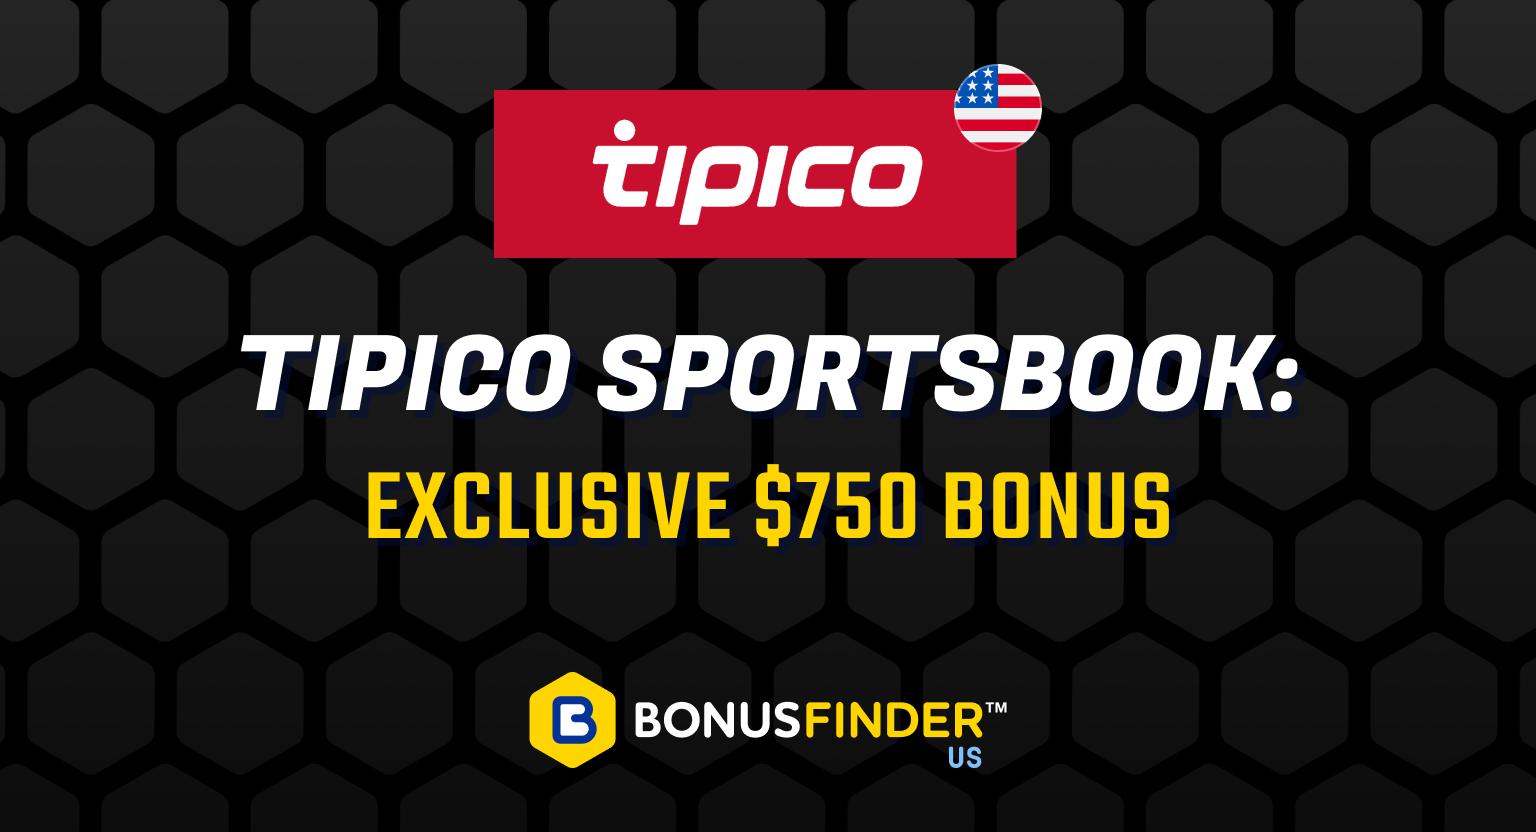 Tipico Sportsbook NJ promo